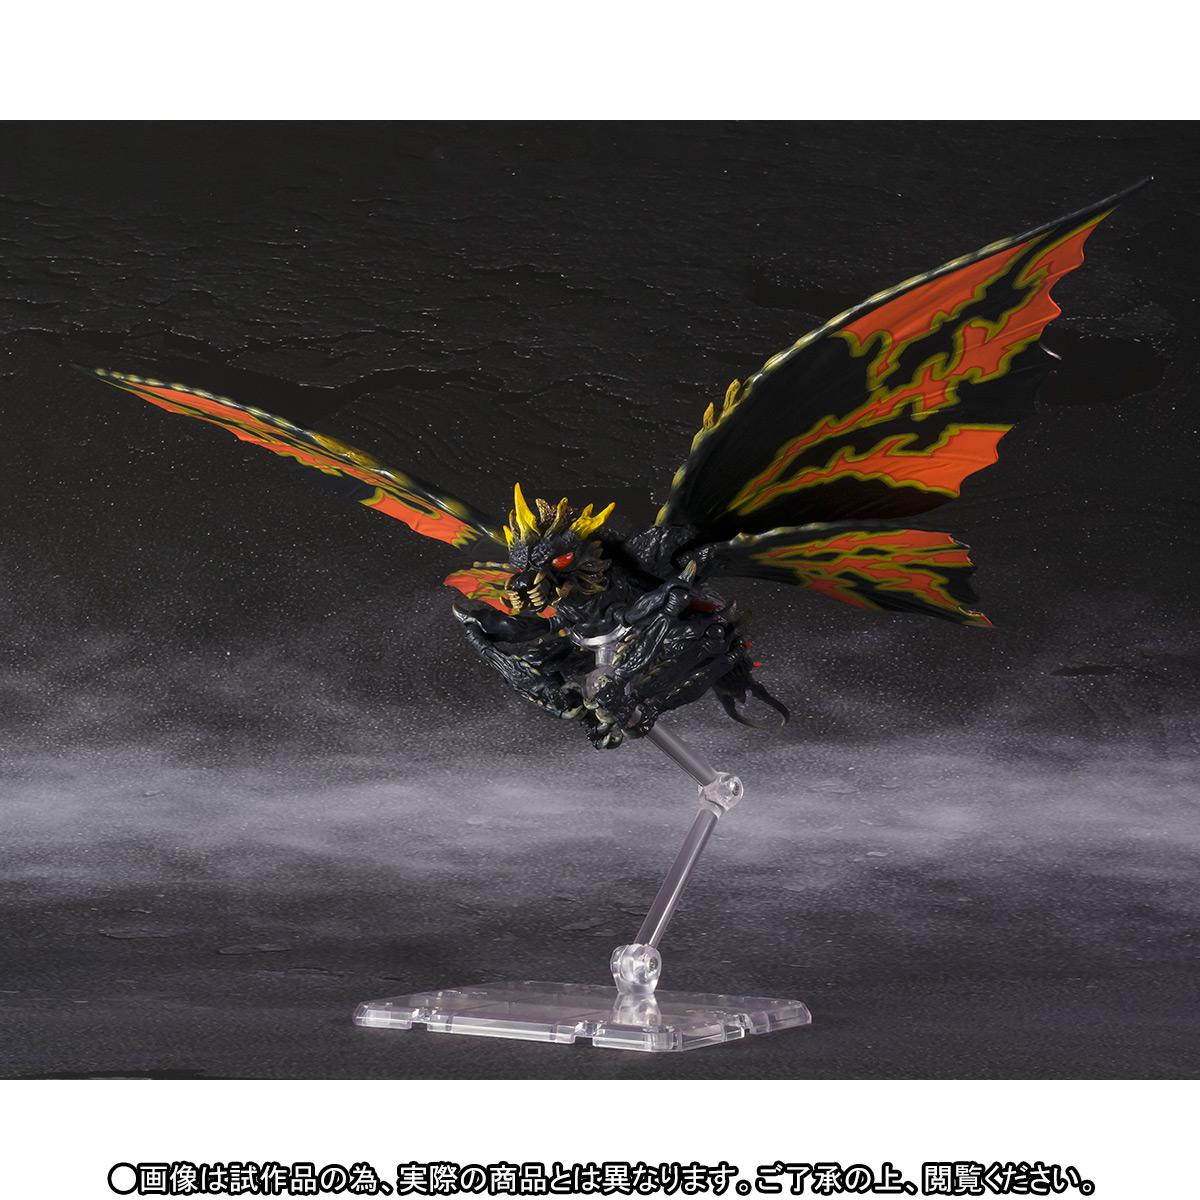 Link a Bandai Battrla Larvae Godzilla pre 02